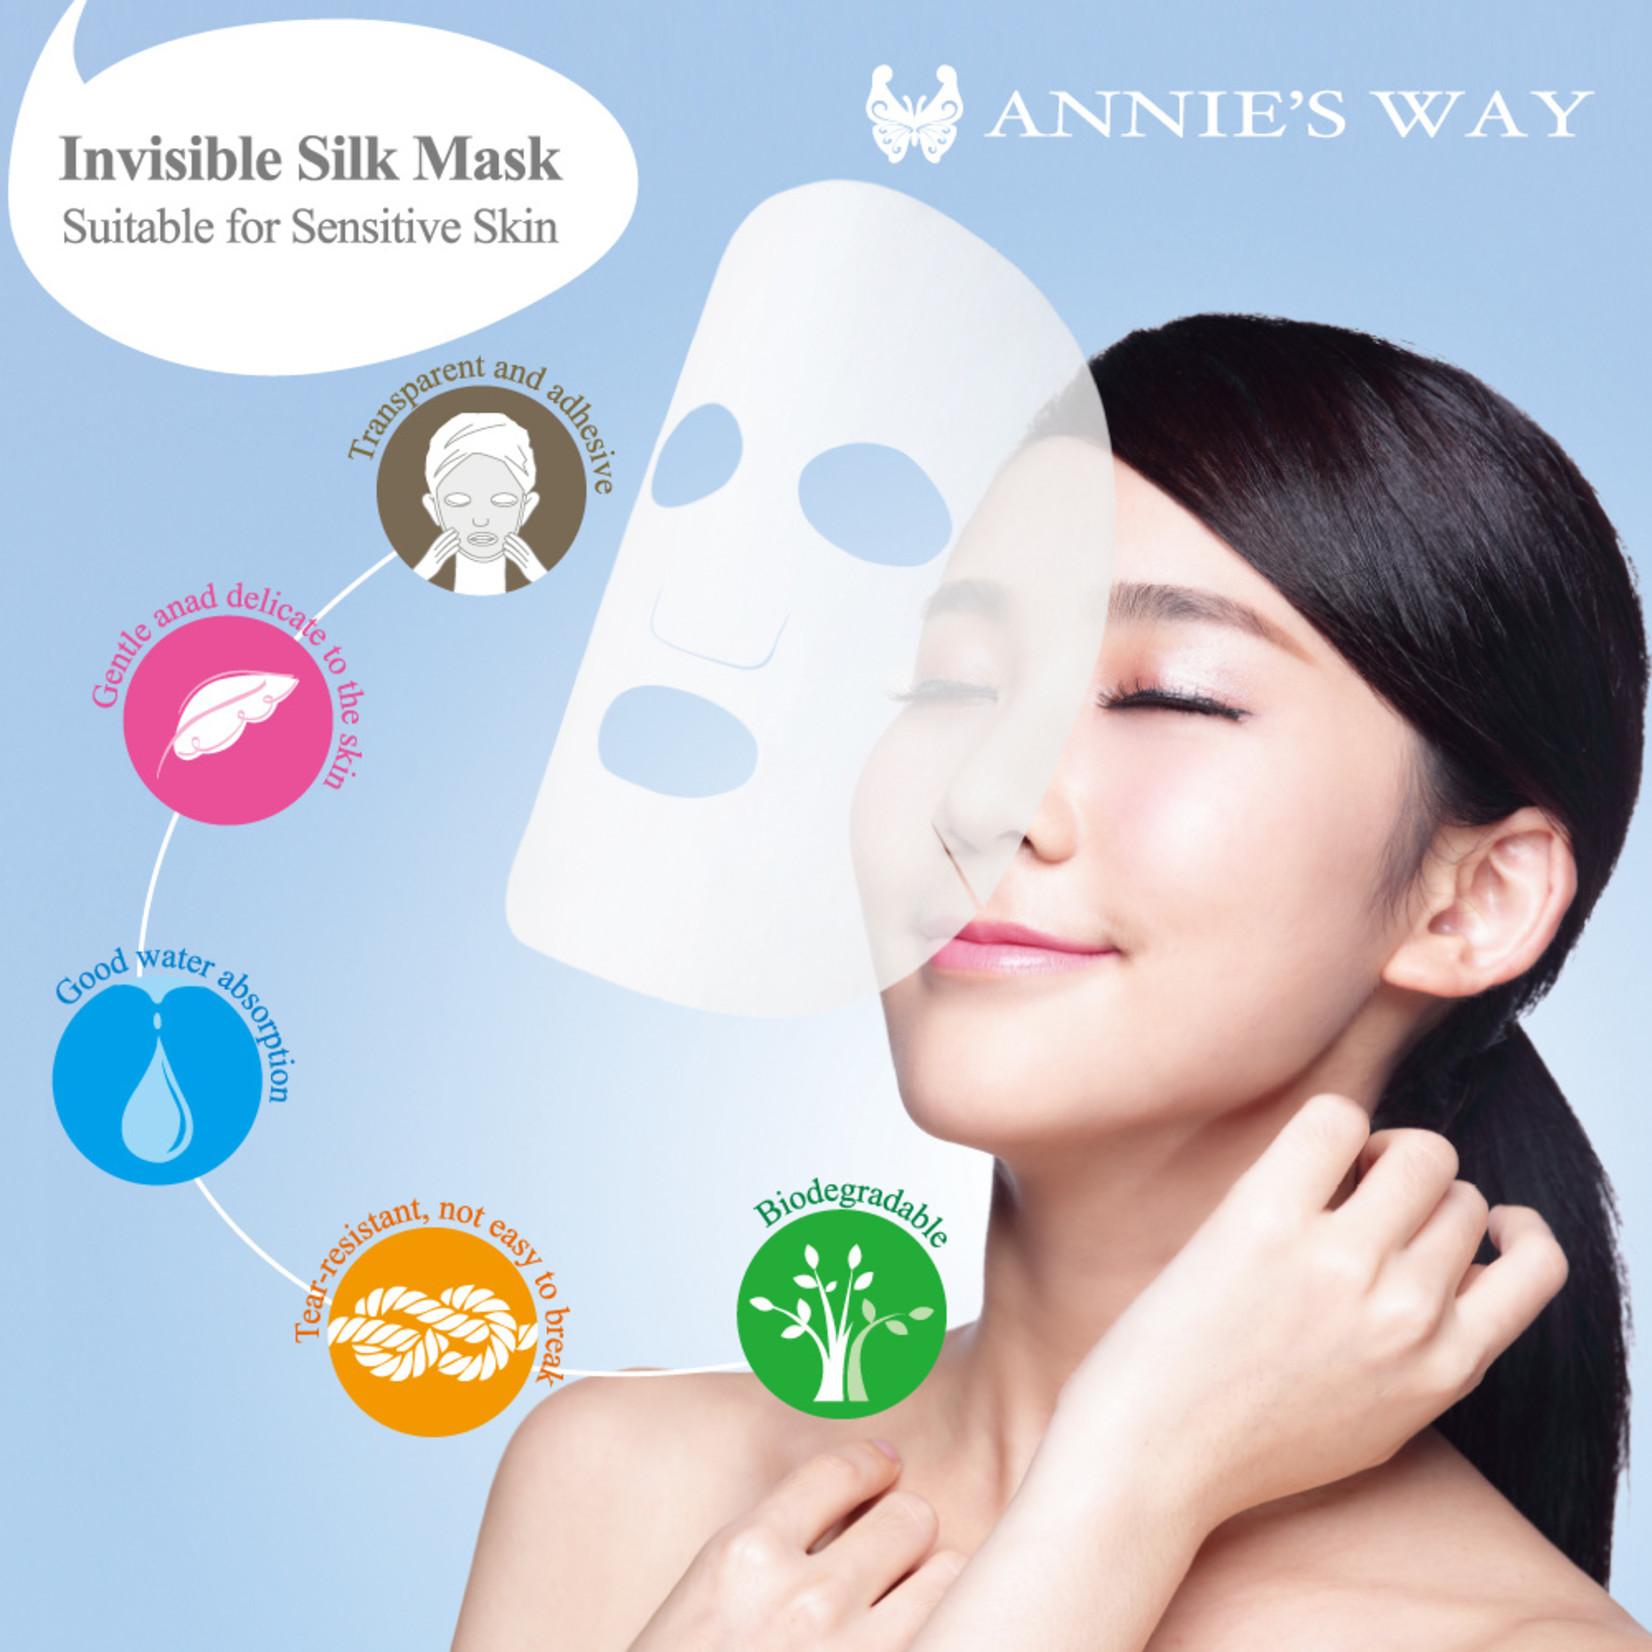 Annie's Way Black Tea Bubble Tea Invisible Silk Mask